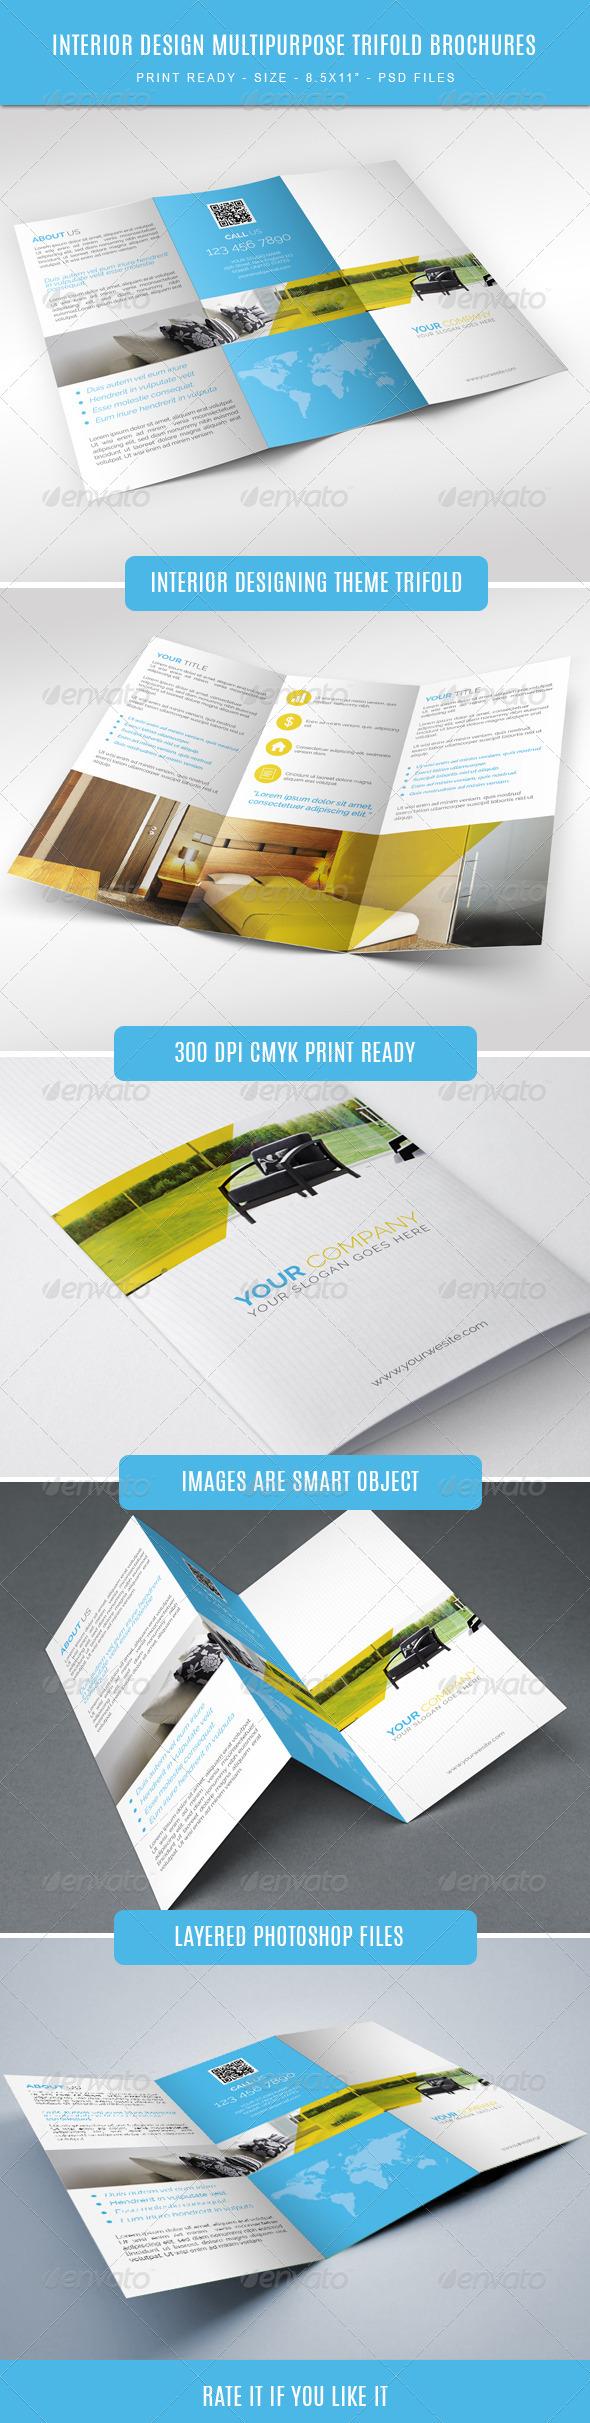 GraphicRiver Interior Designing Tri-Fold Brochure 7878030